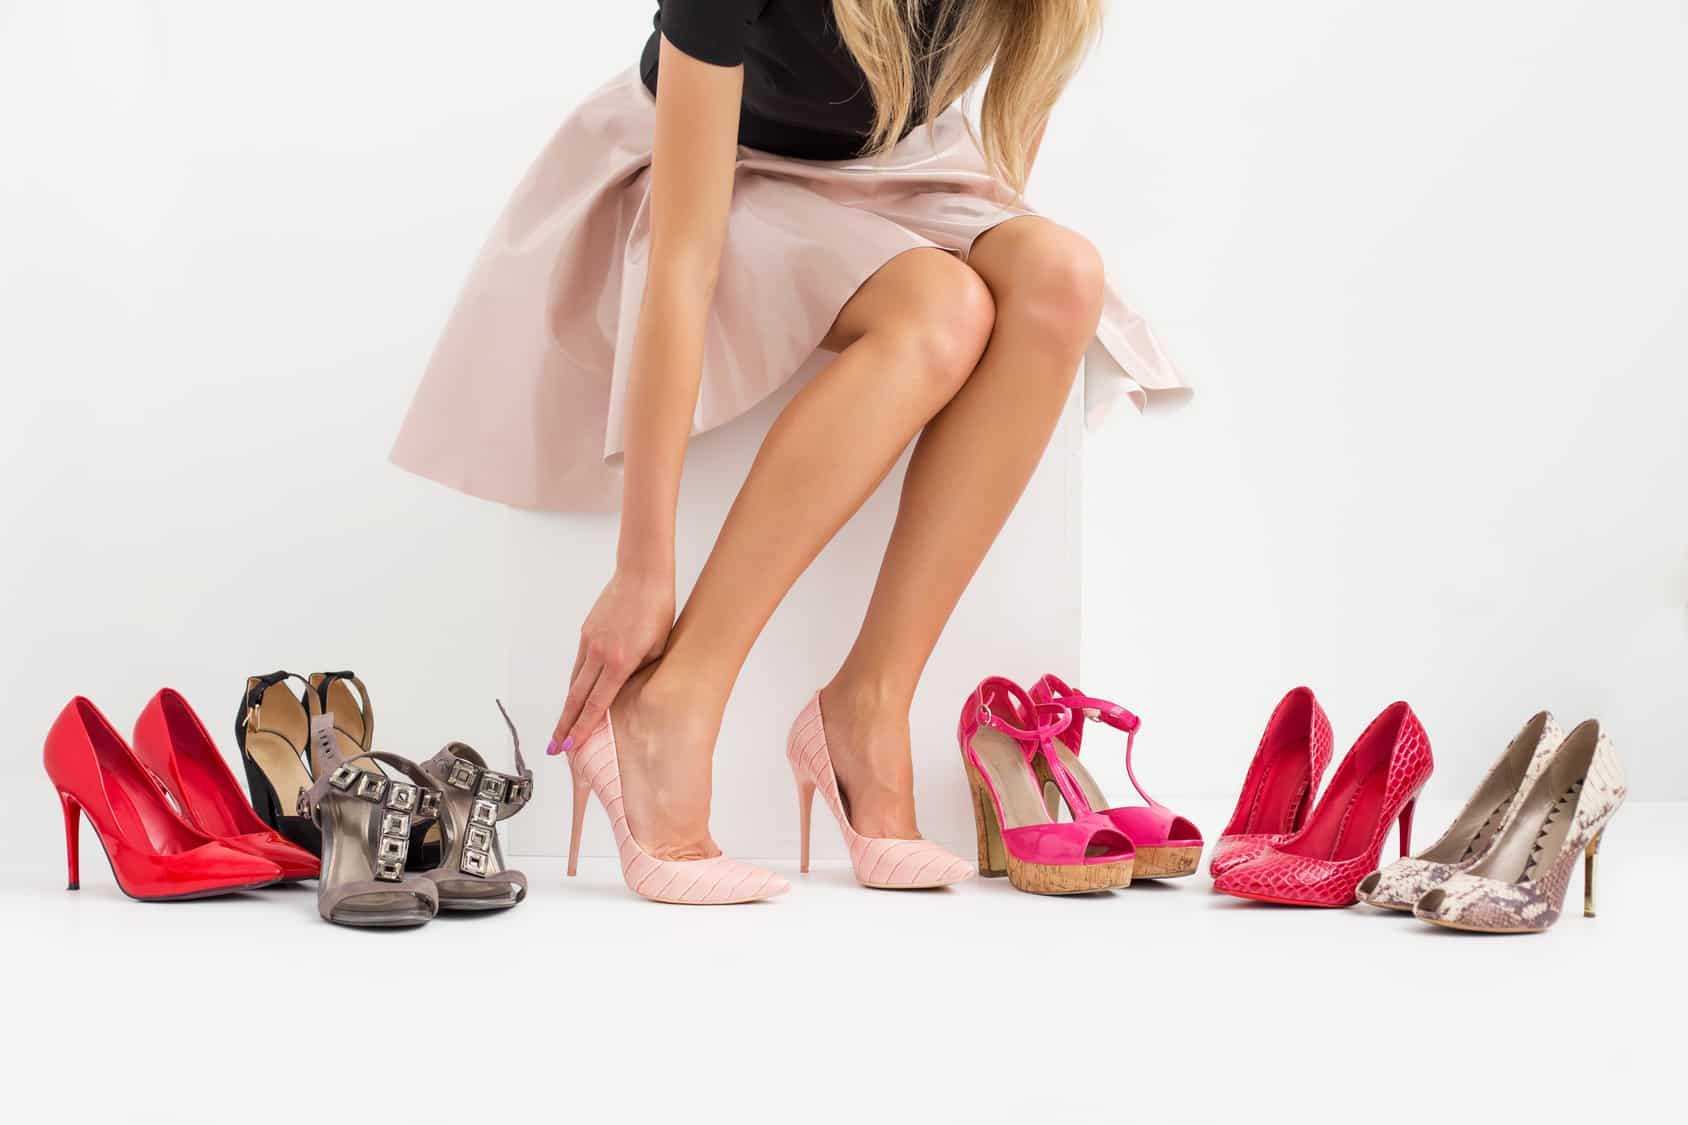 ceef7c723 15 franquias de calçados para investir - Guia Franquias de Sucesso